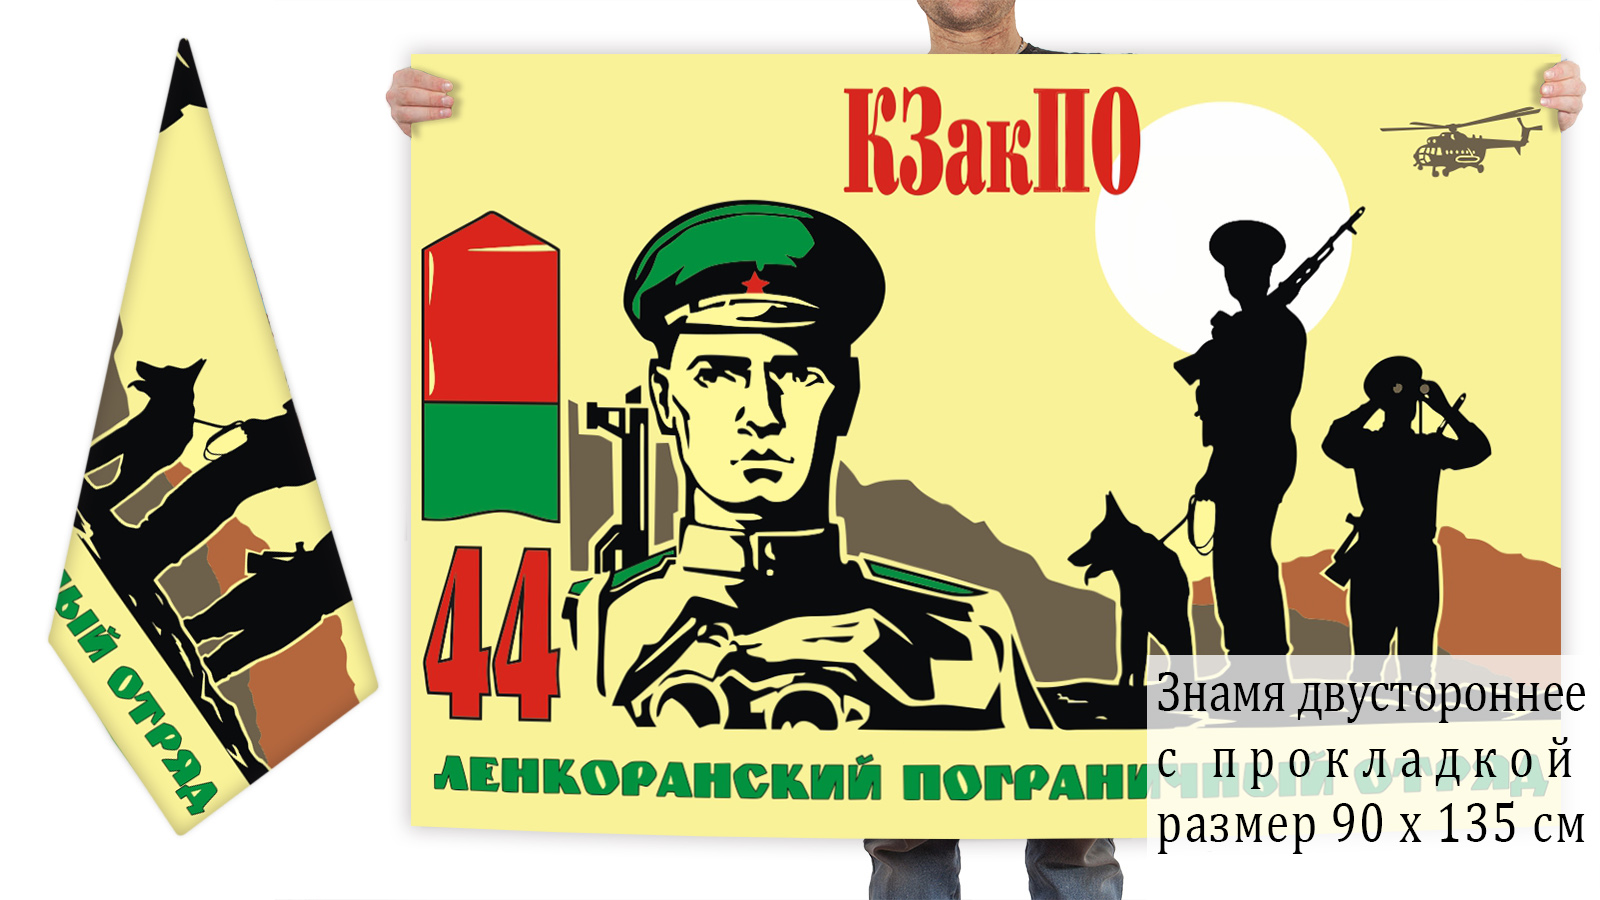 Двусторонний флаг Ленкоранского ПогО КЗакПО